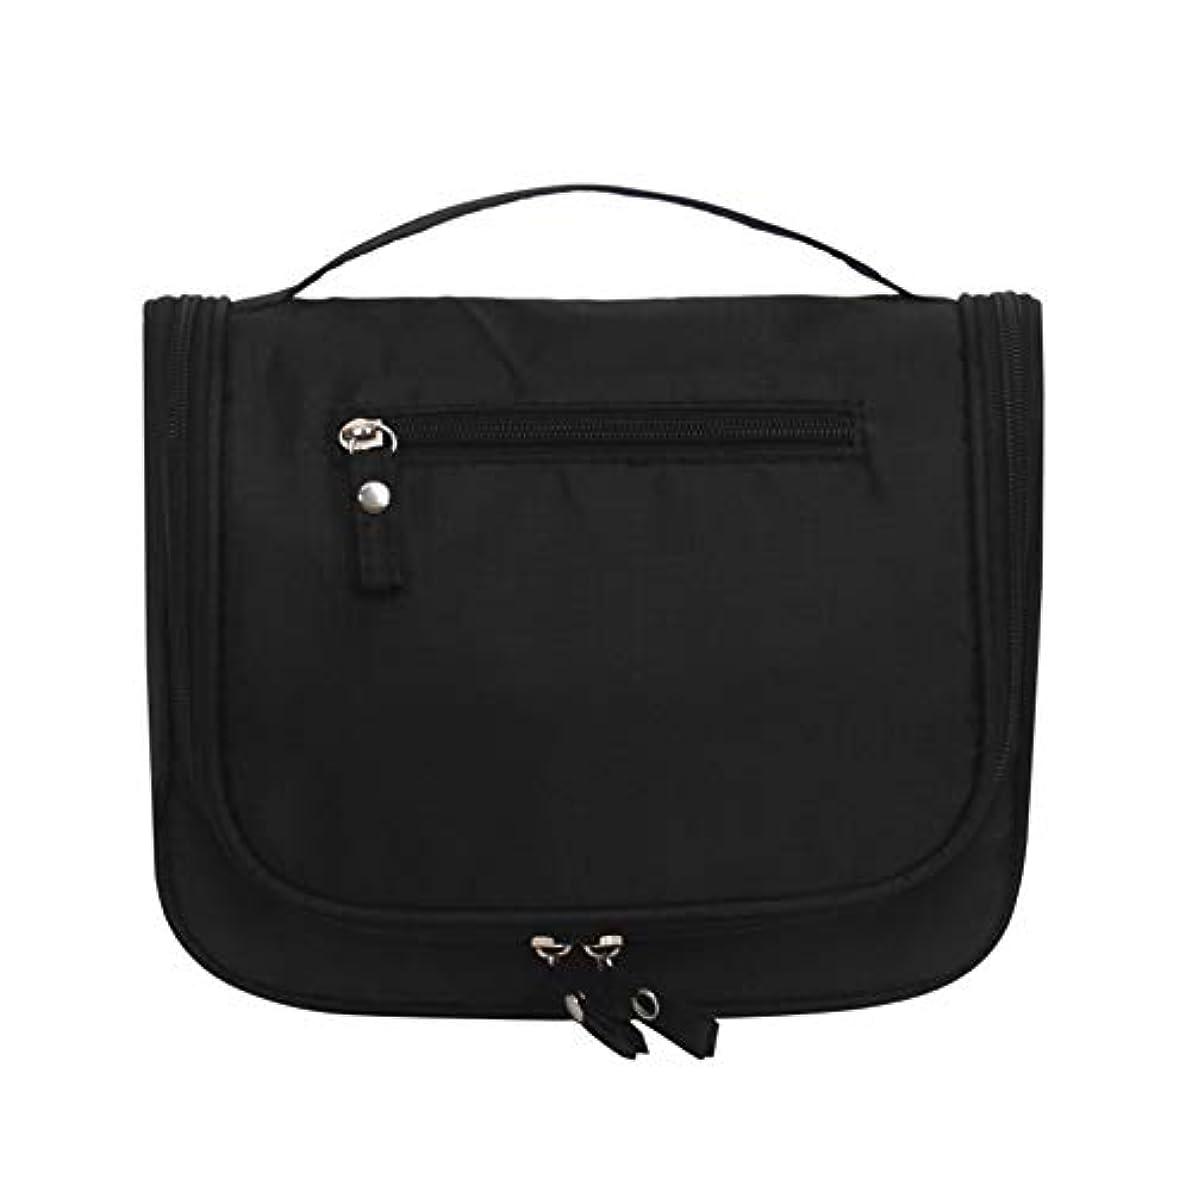 化粧オーガナイザーバッグ 大容量の旅行化粧品バッグ丈夫で耐久性のある洗濯可能な化粧品保管コンセントレーションバッグウォッシュバッグ 化粧品ケース (色 : ブラック)